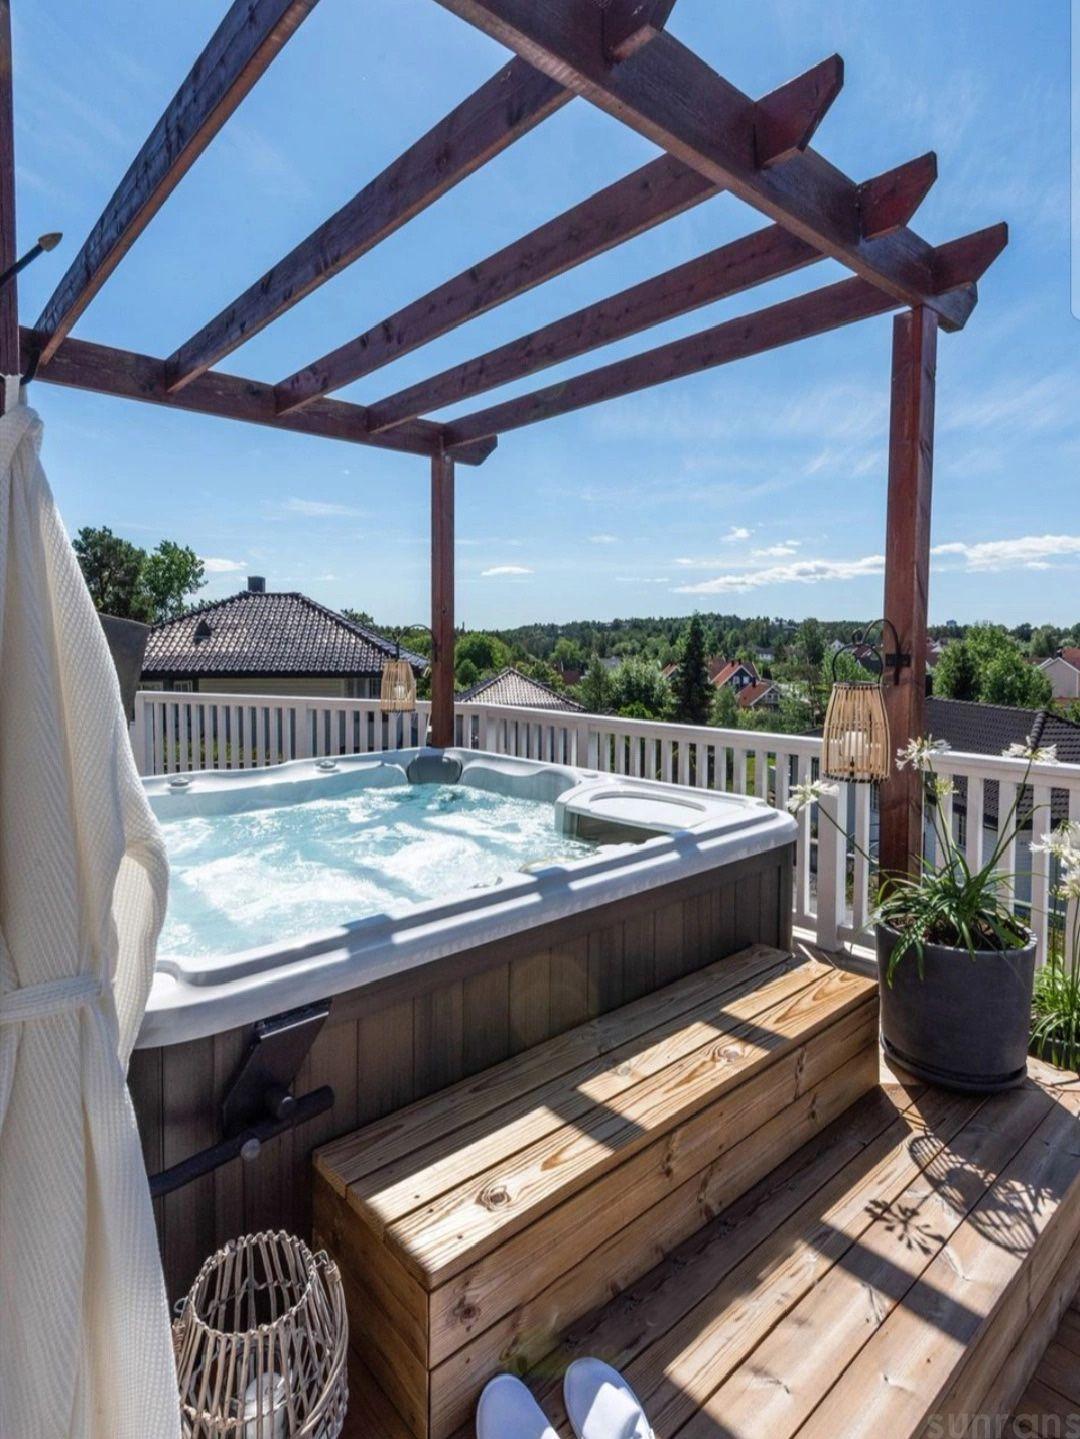 赏析挪威阳台热水按摩浴缸(图3)